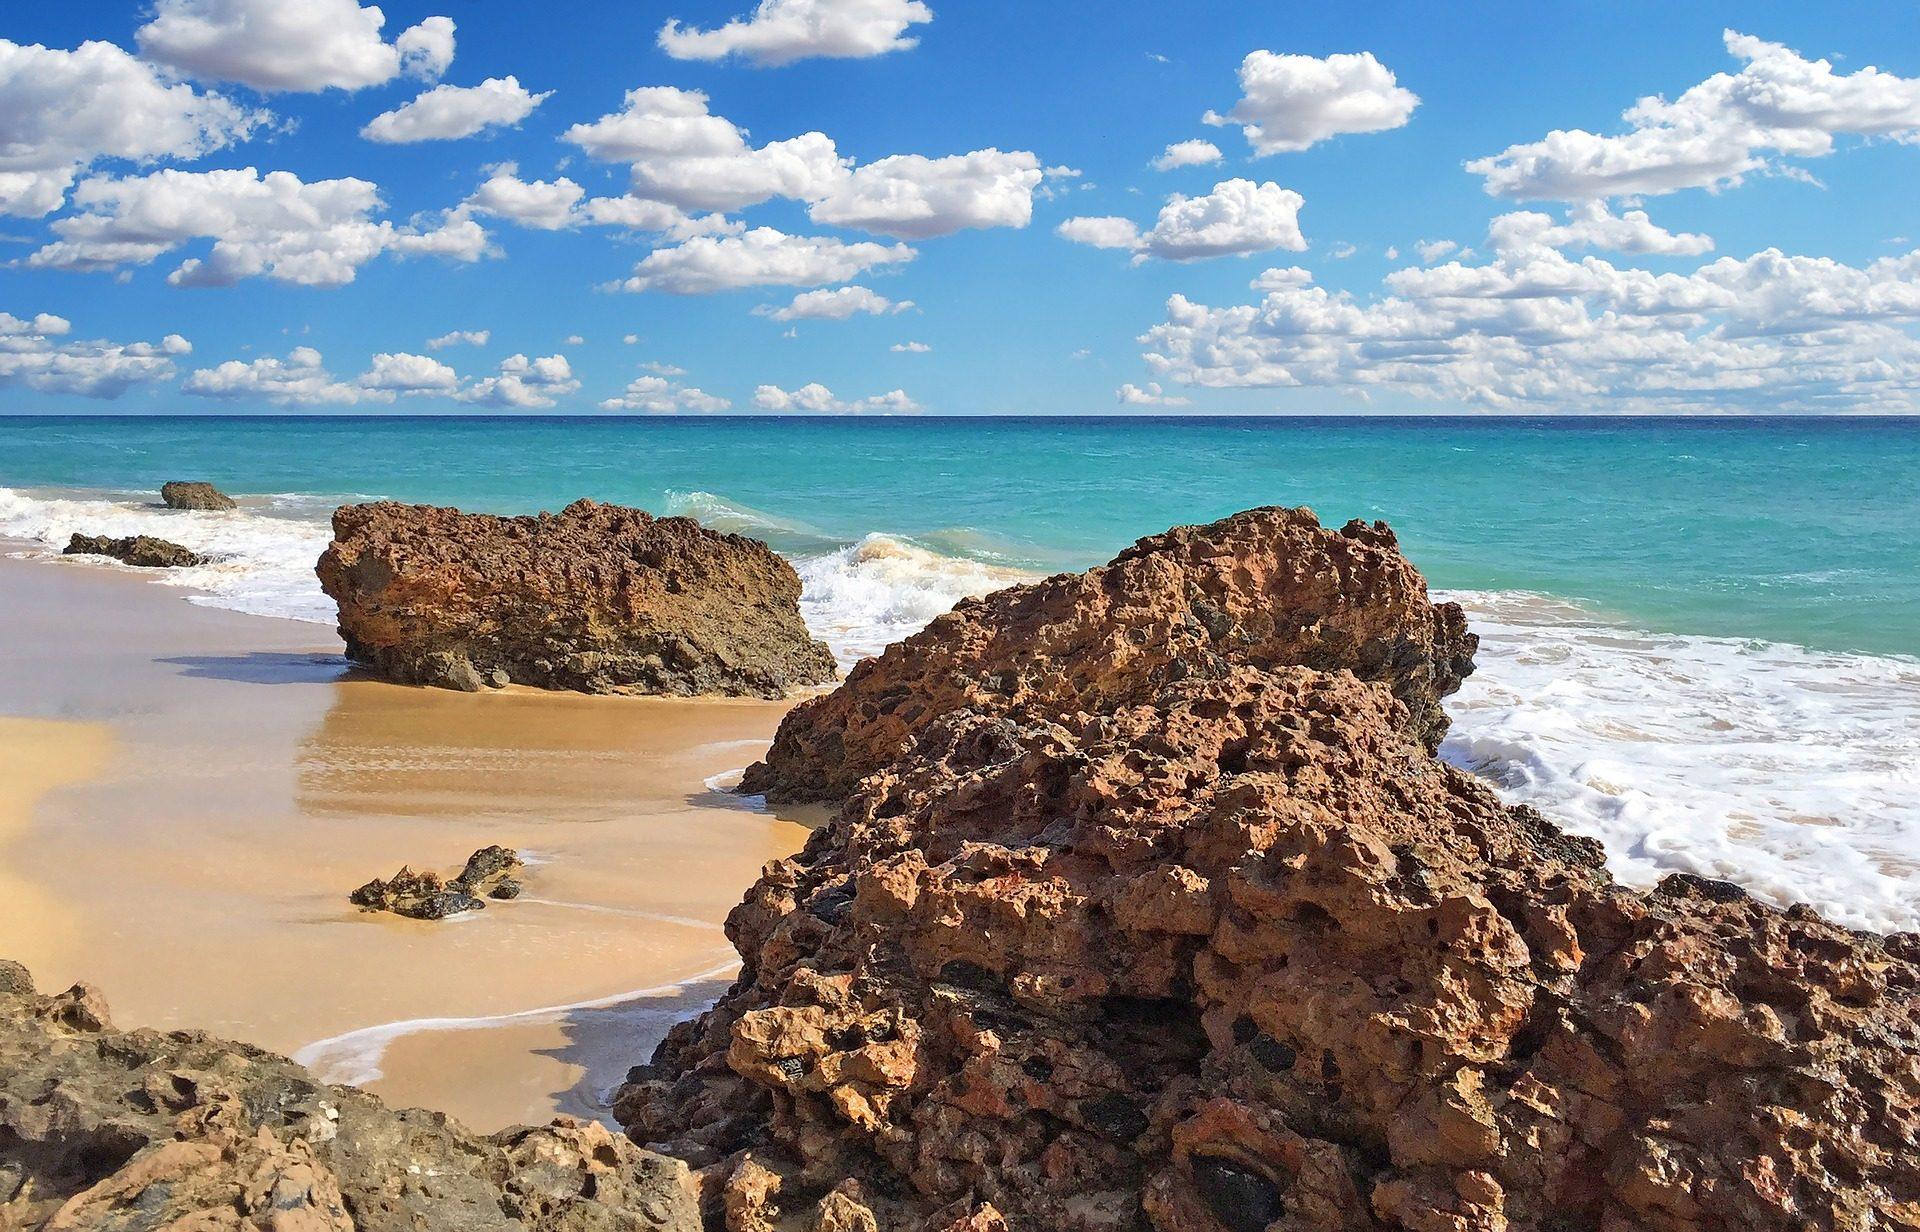 Praia, Mar, Rocas, pedras, areia, nuvens, Céu - Papéis de parede HD - Professor-falken.com